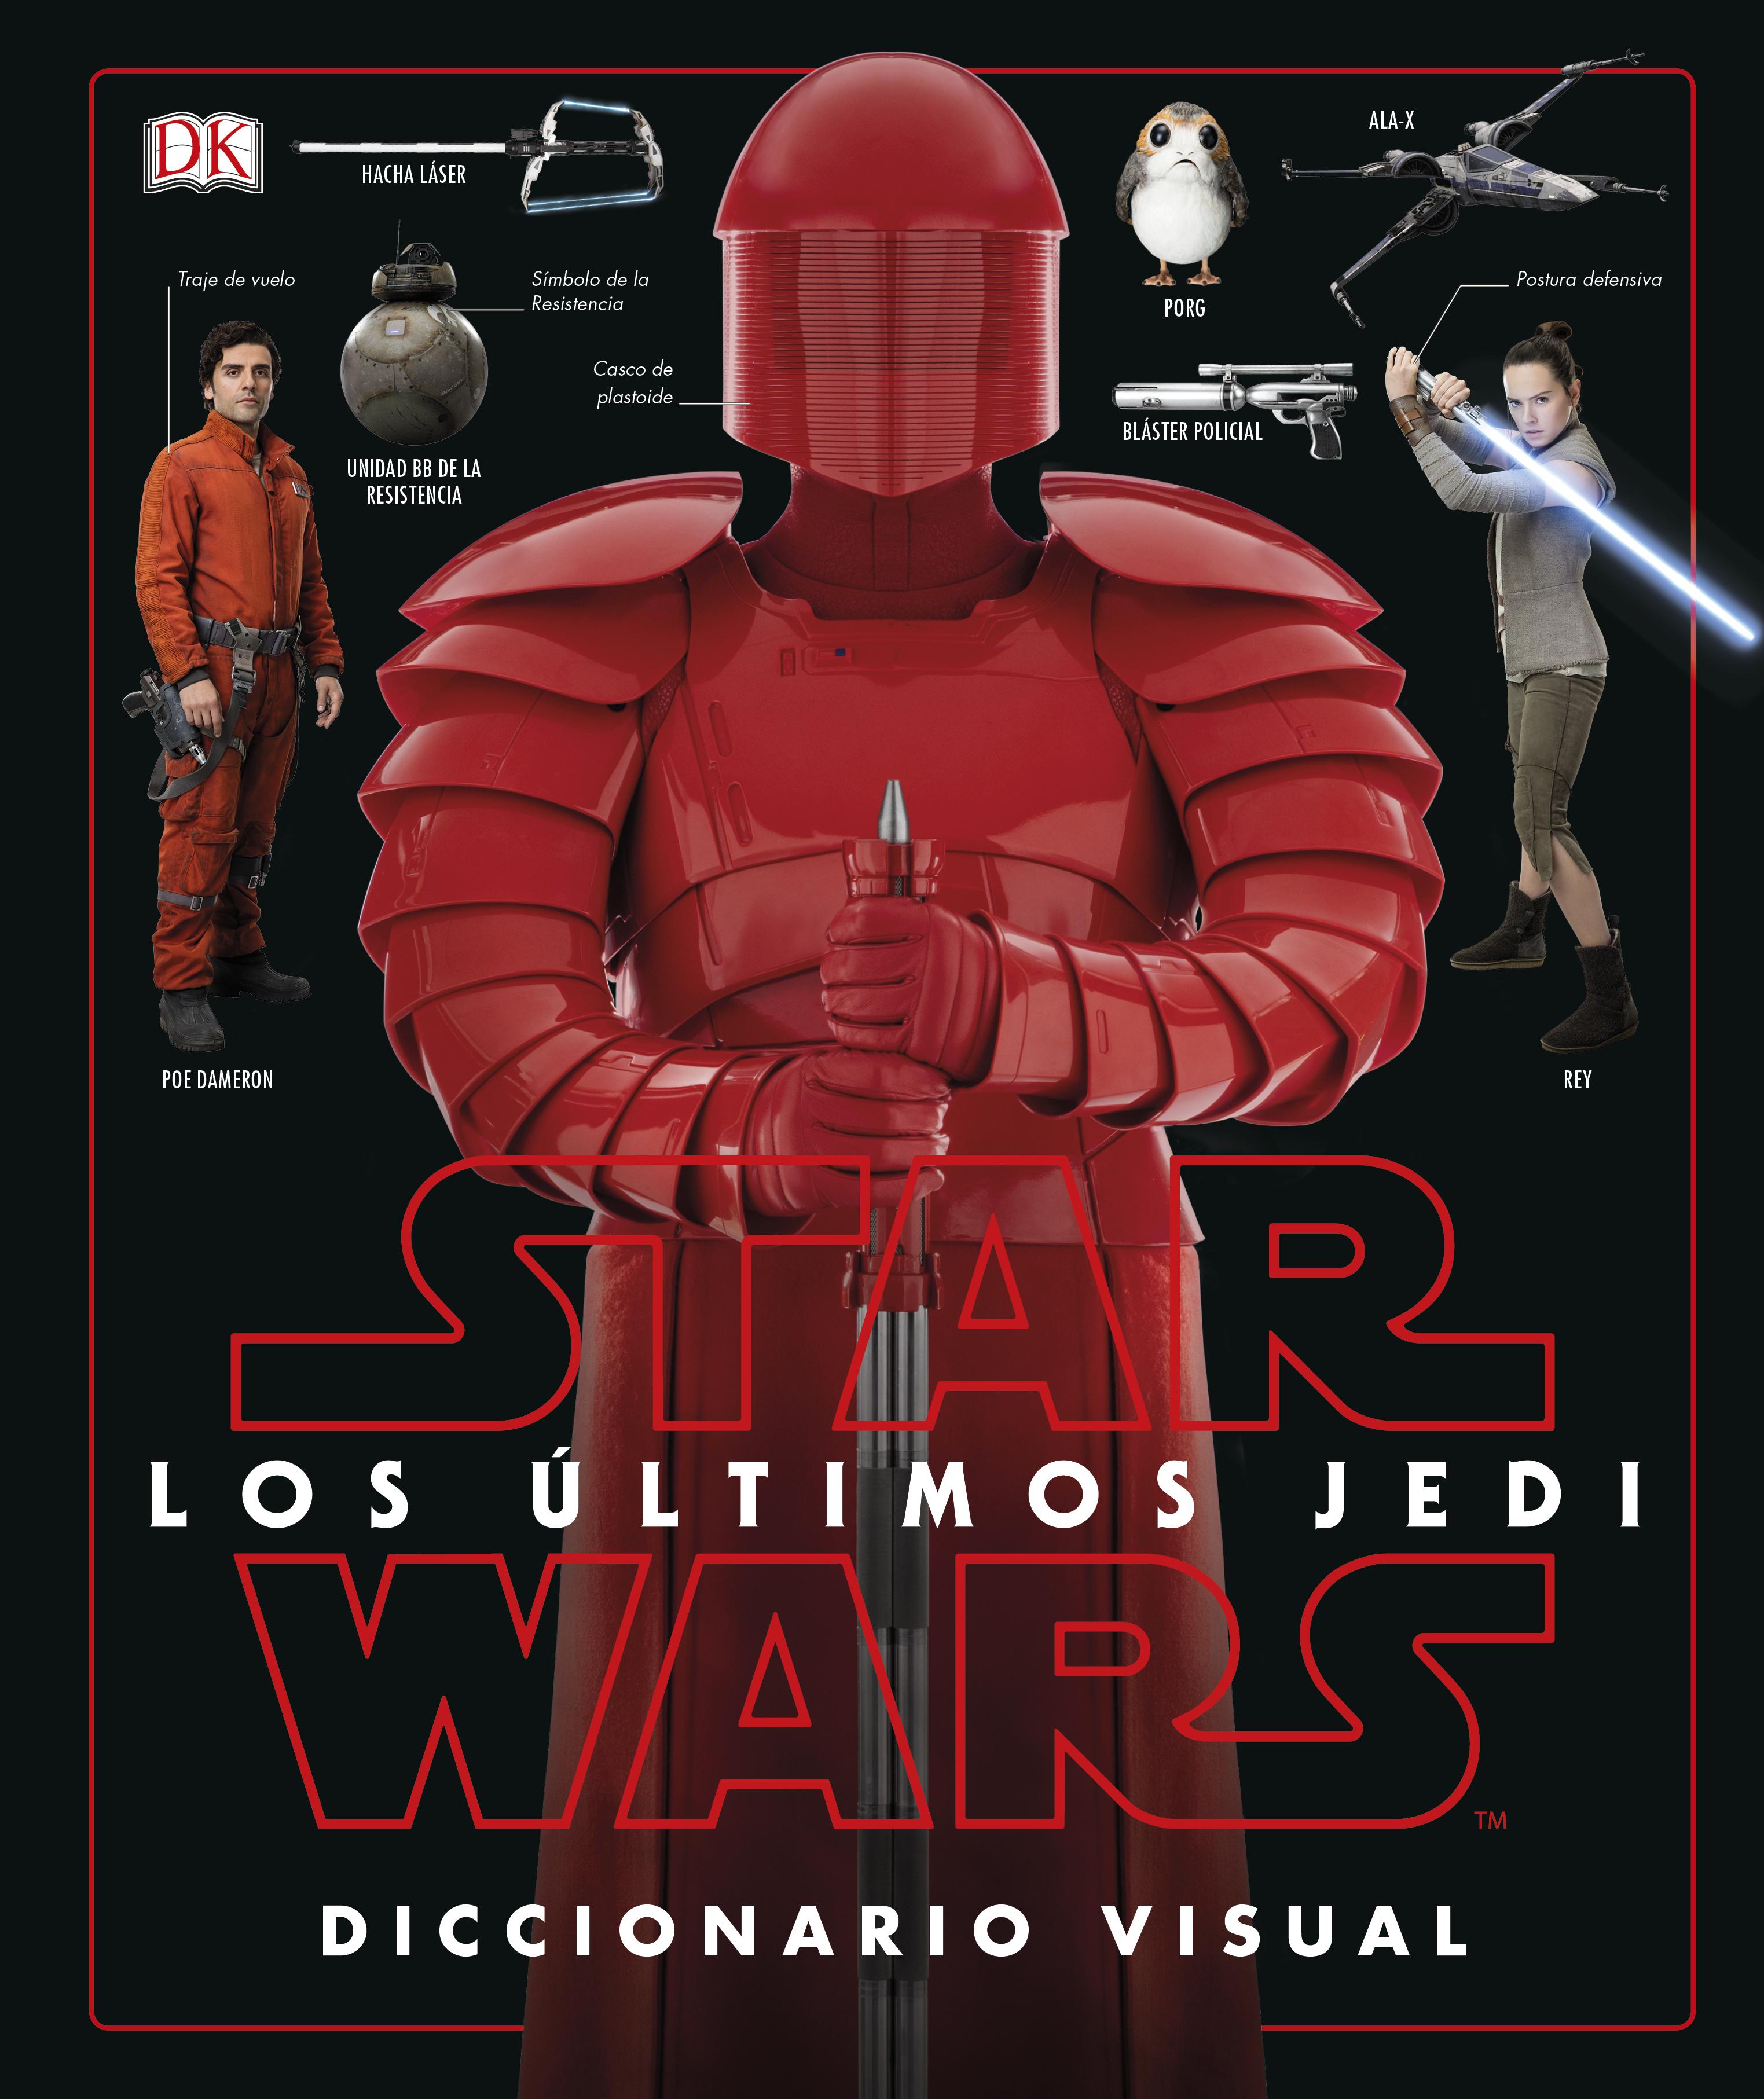 Los-últimos-Jedi